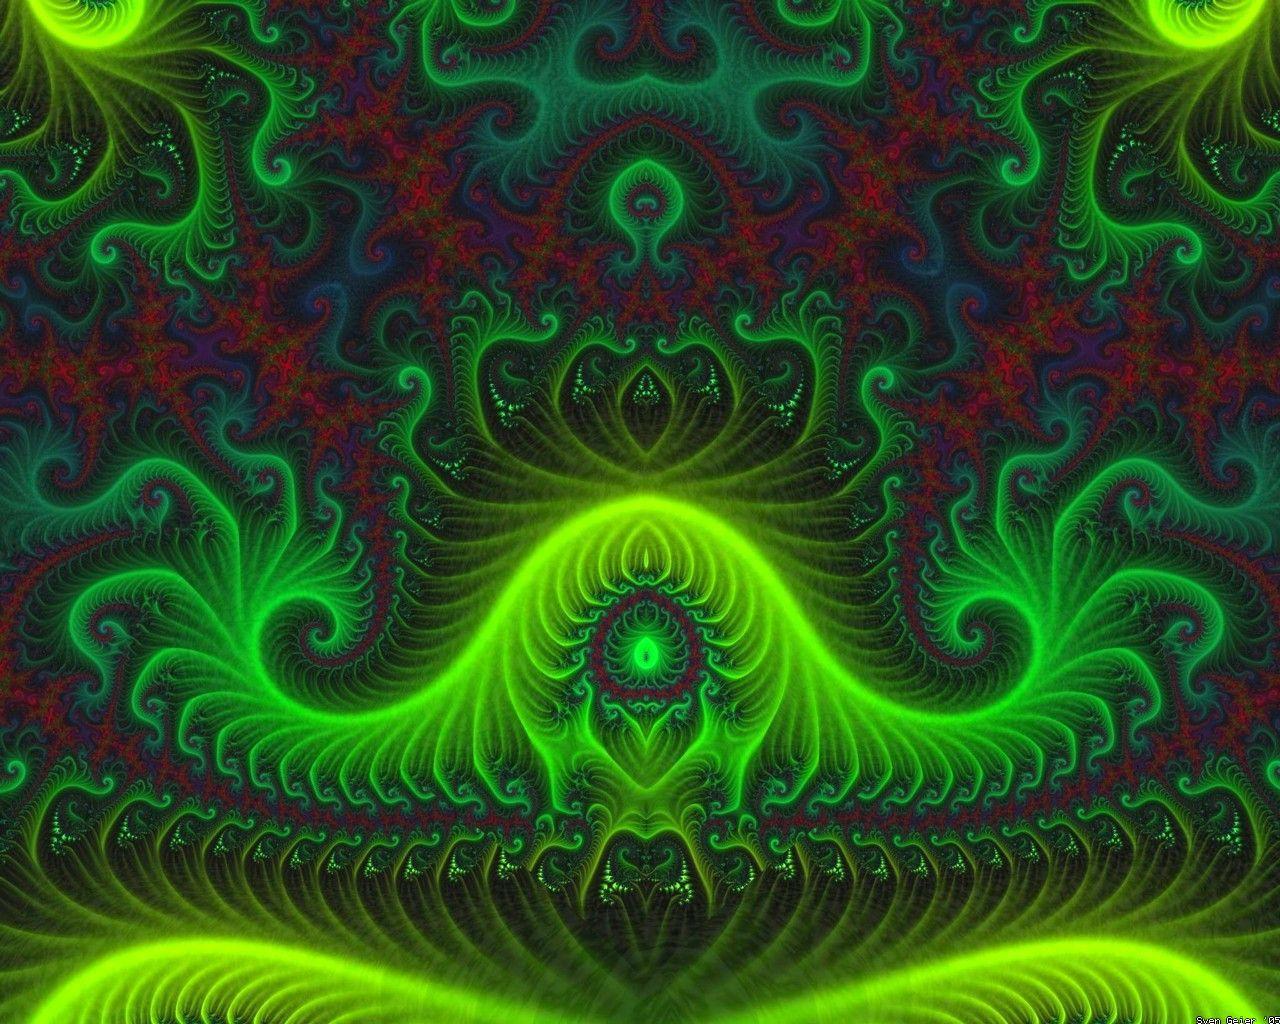 Indhra-1.jpg (1280×1024)